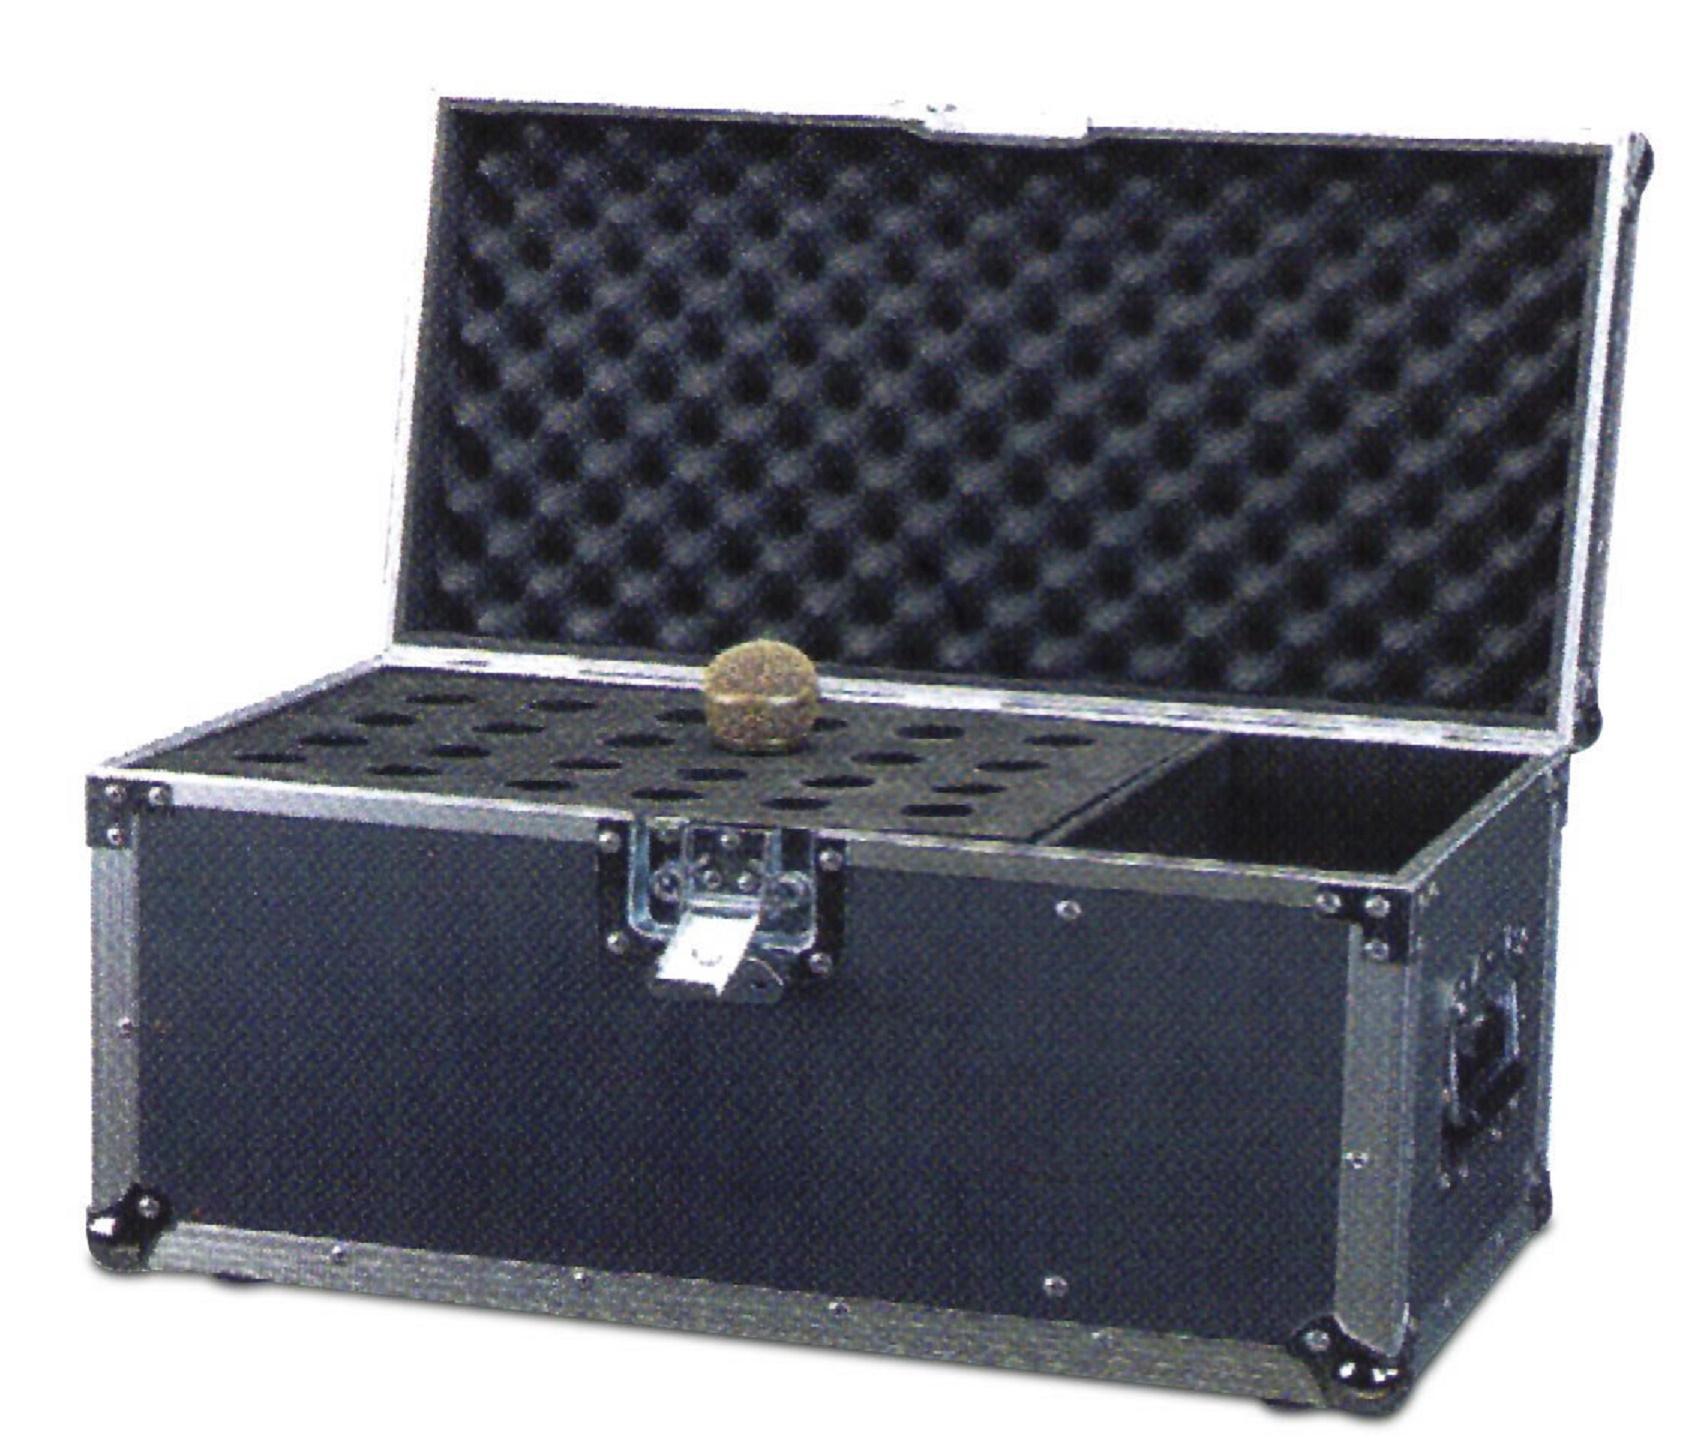 Baúl de transporte para micrófonos Micro 24 Case